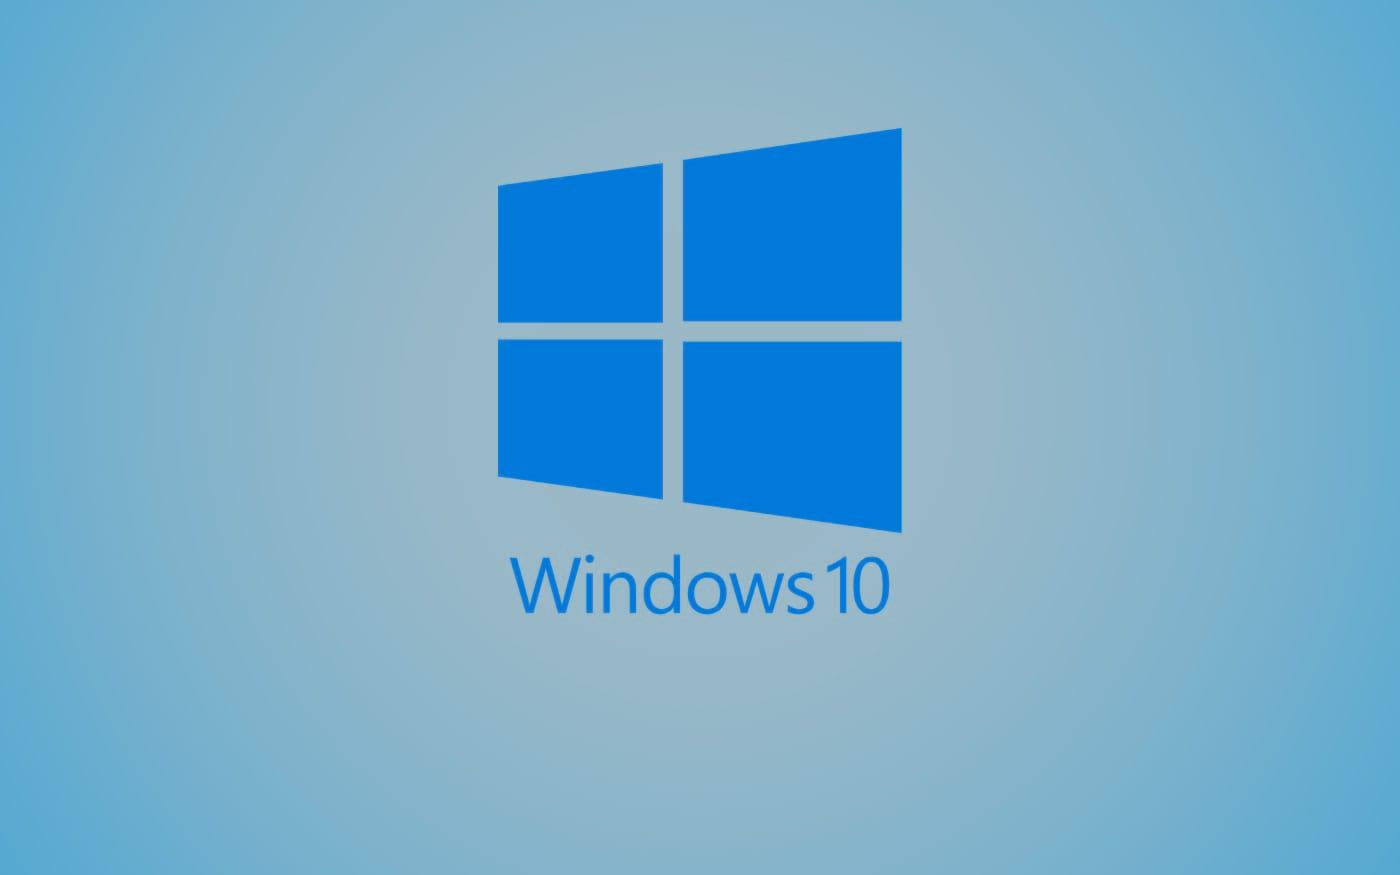 Windows 10 está presente em mais de 900 milhões de dispositivos!